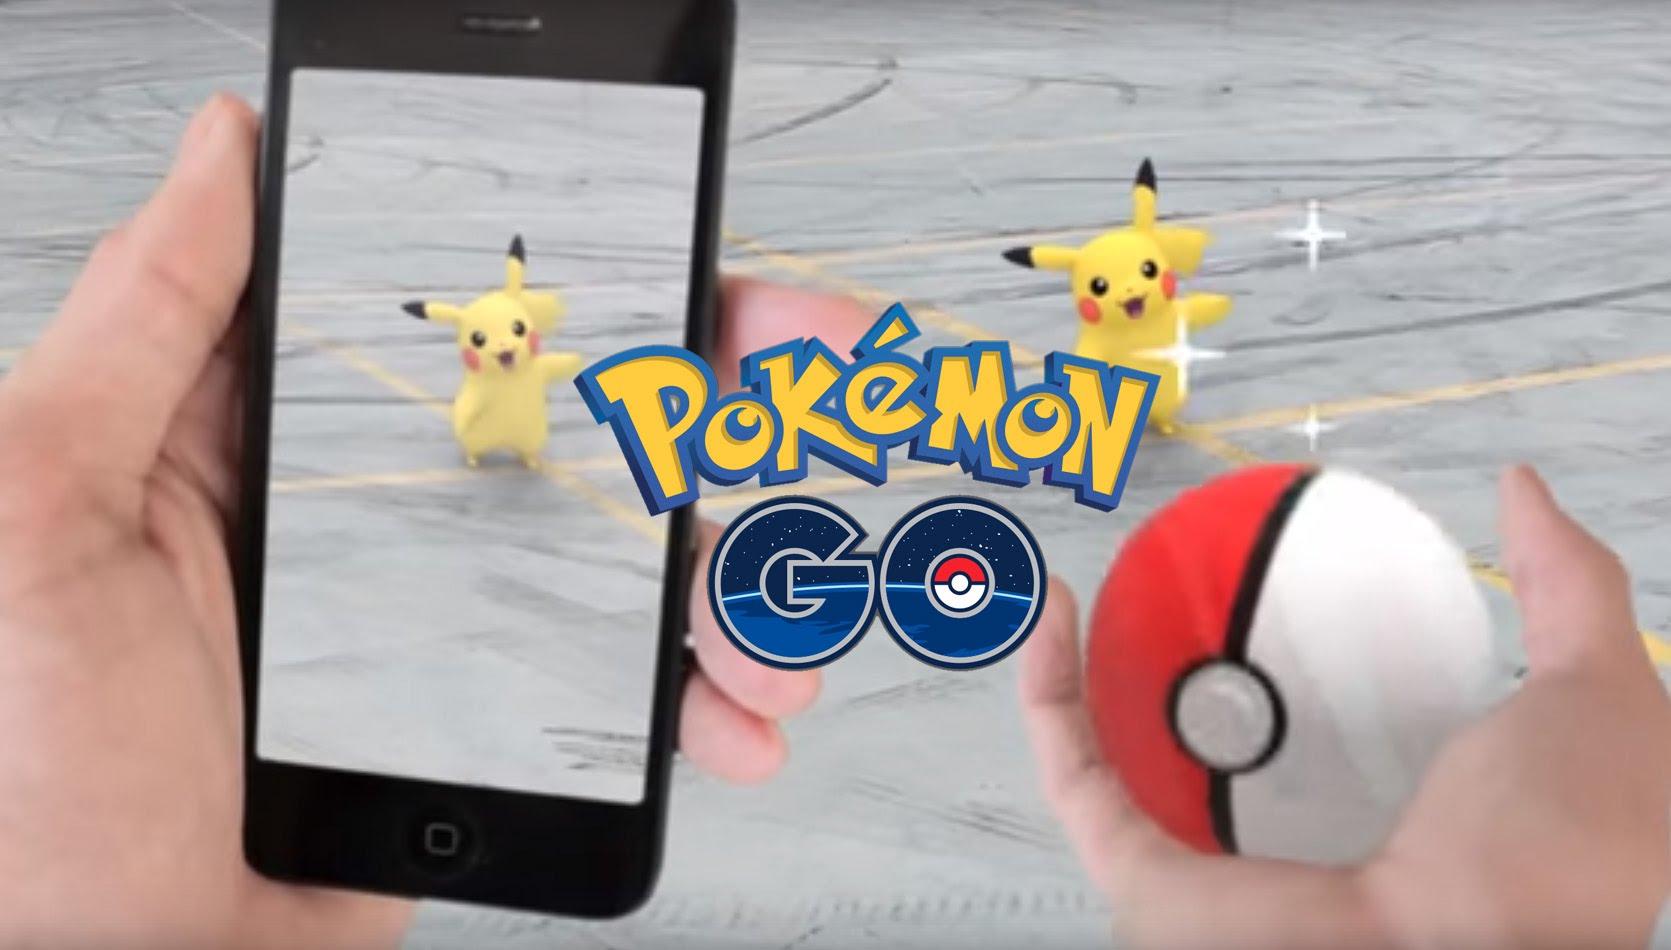 'पोकेमन गो' डाउनलोड गर्नुभयो, होस गर्नुहोस् तपाईँको स्मार्टफोन ह्याक हाेला